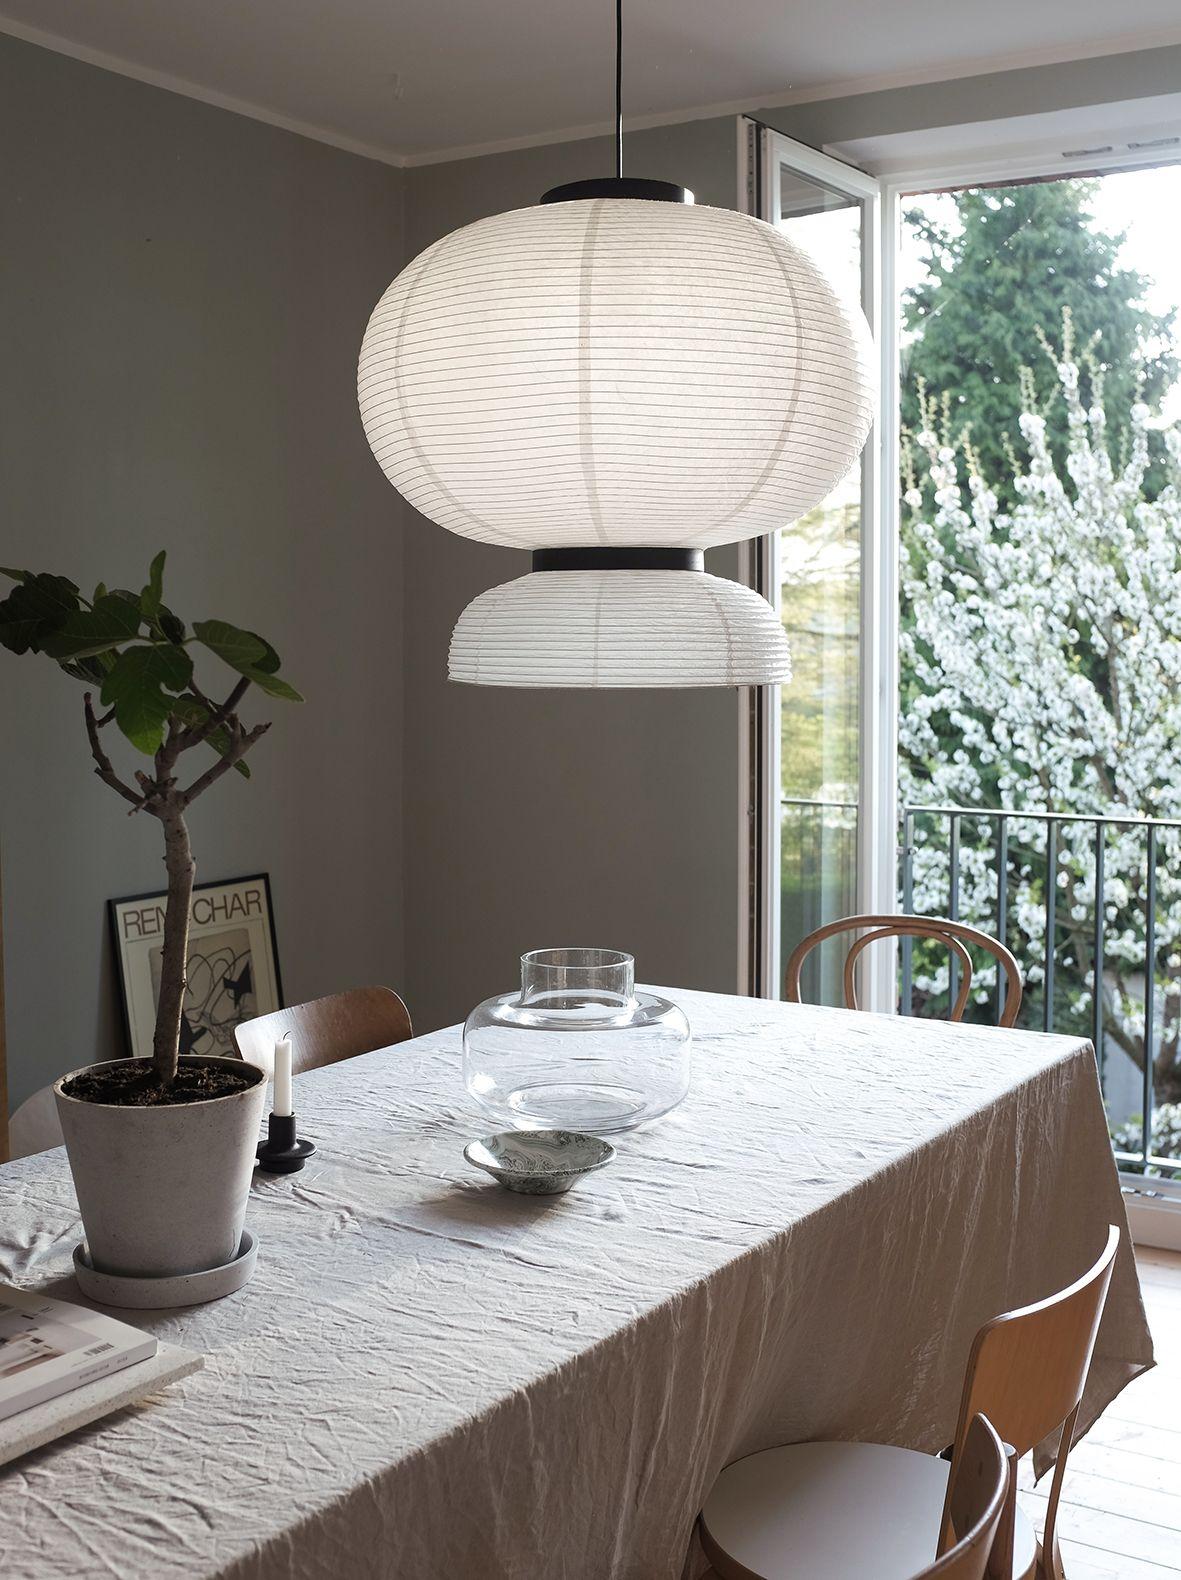 Formakami Leuchte Jh5 Von Tradition Online Esszimmerleuchten Haus Dining Room Sets